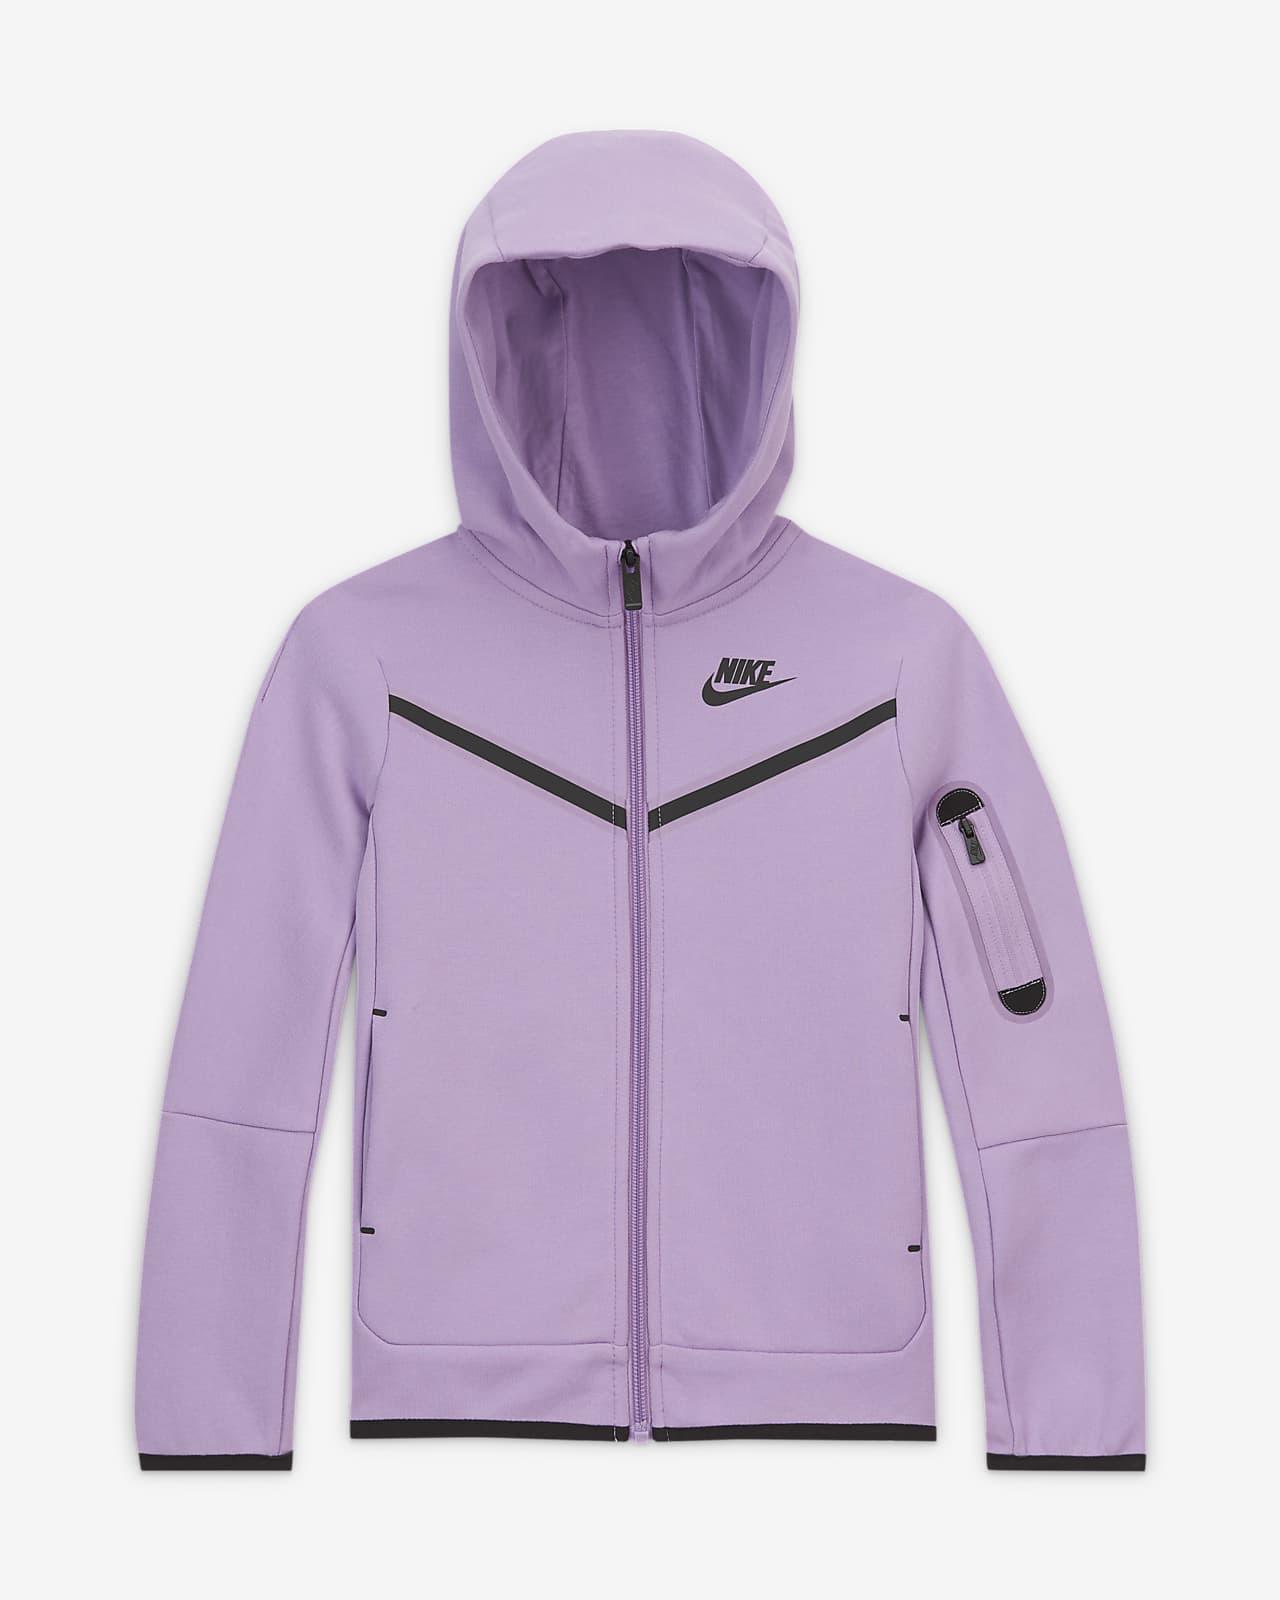 Nike Sportswear Tech Fleece Little Kids' Full-Zip Hoodie